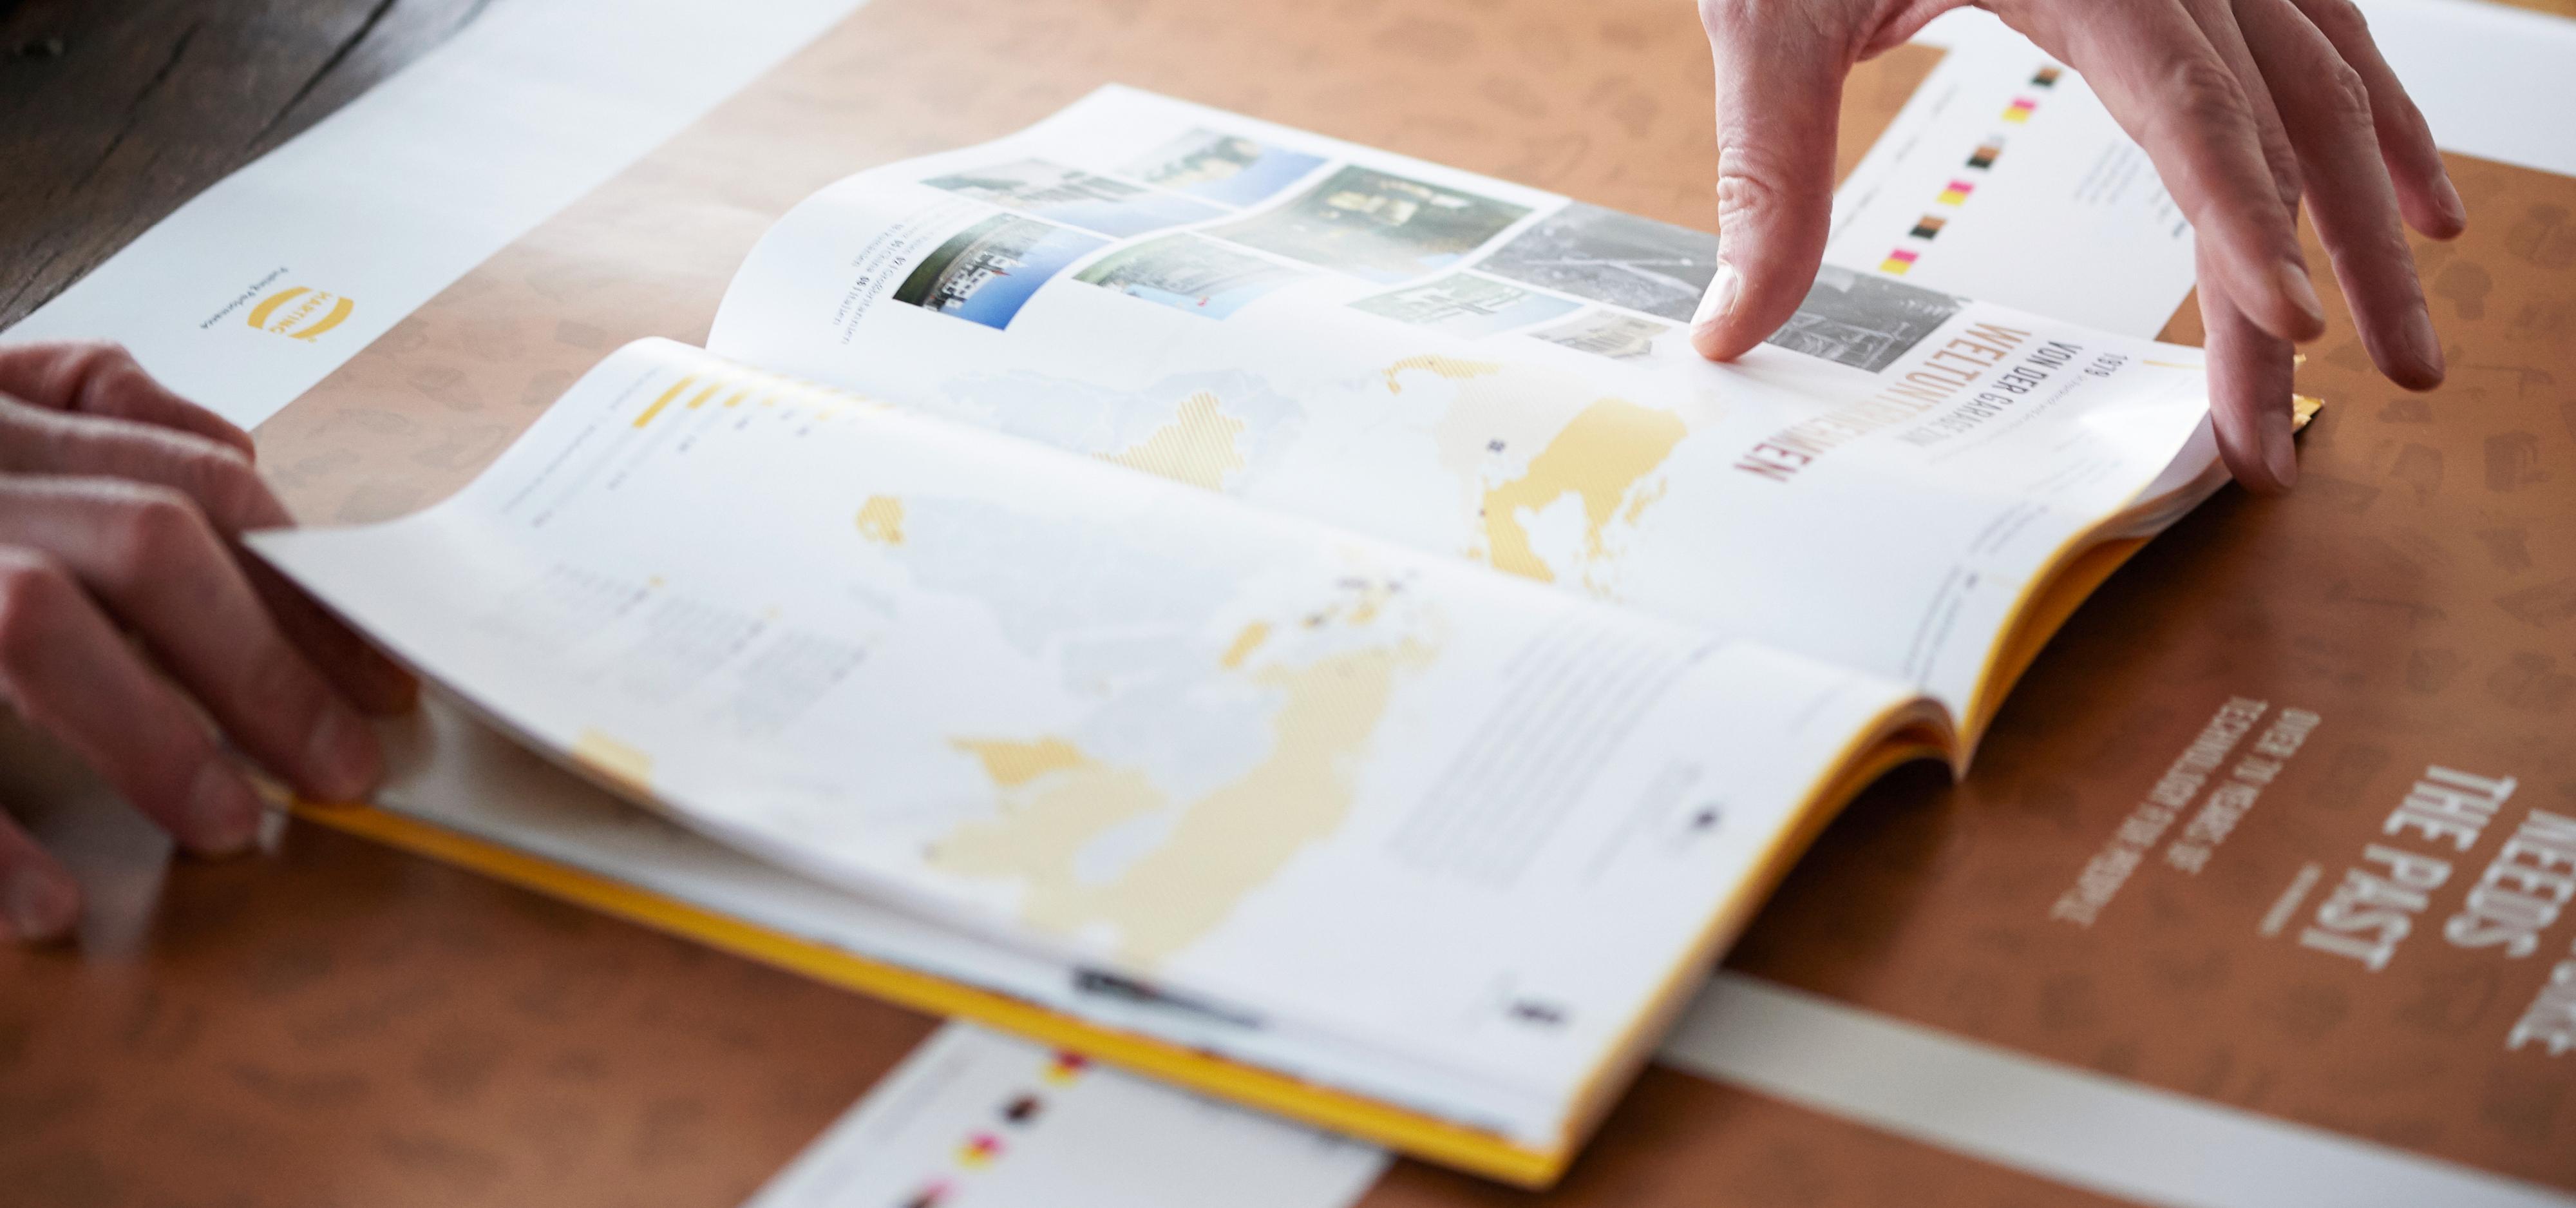 HARTING-Broschüre ©gobasil ~ Agentur für Kommunikation, Hamburg Hannover